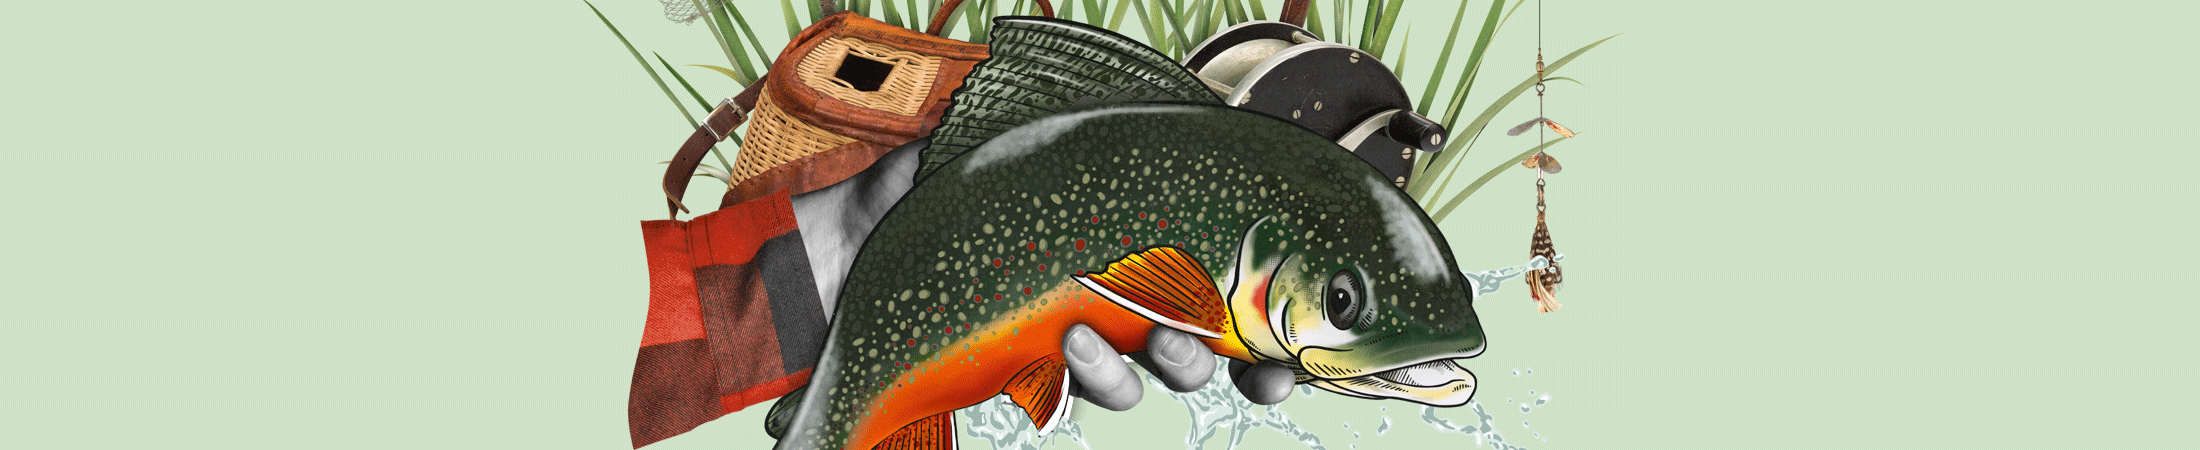 Histoires de pêche : Une exposition qui donne le goût de taquiner le poisson